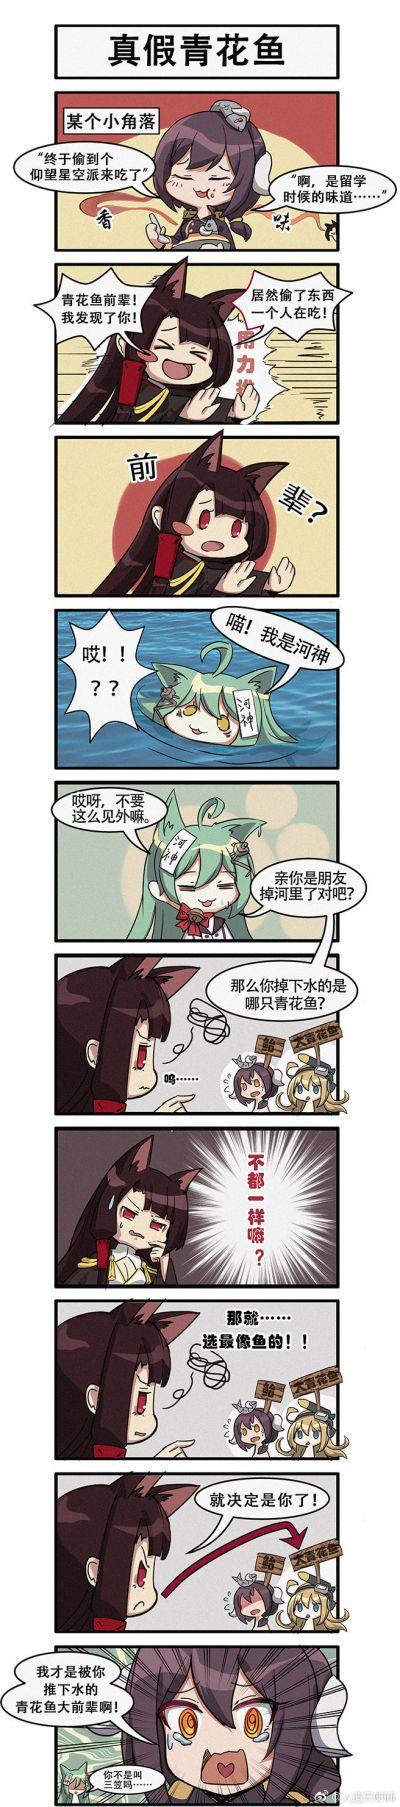 真假青花鱼.jpg